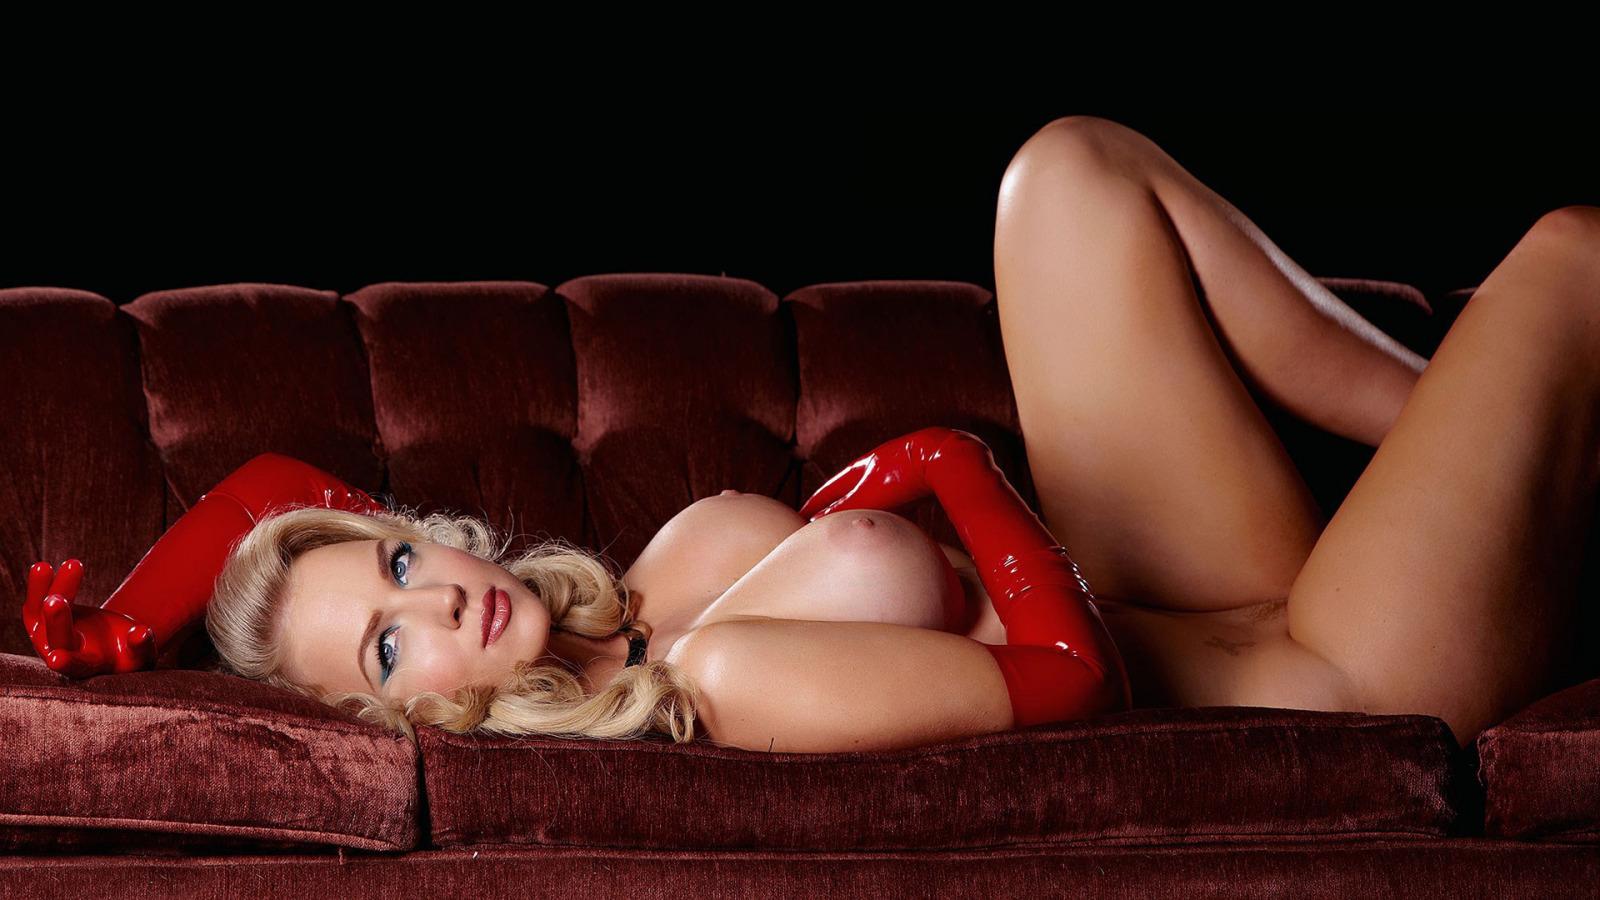 Erotic hd image adult movie